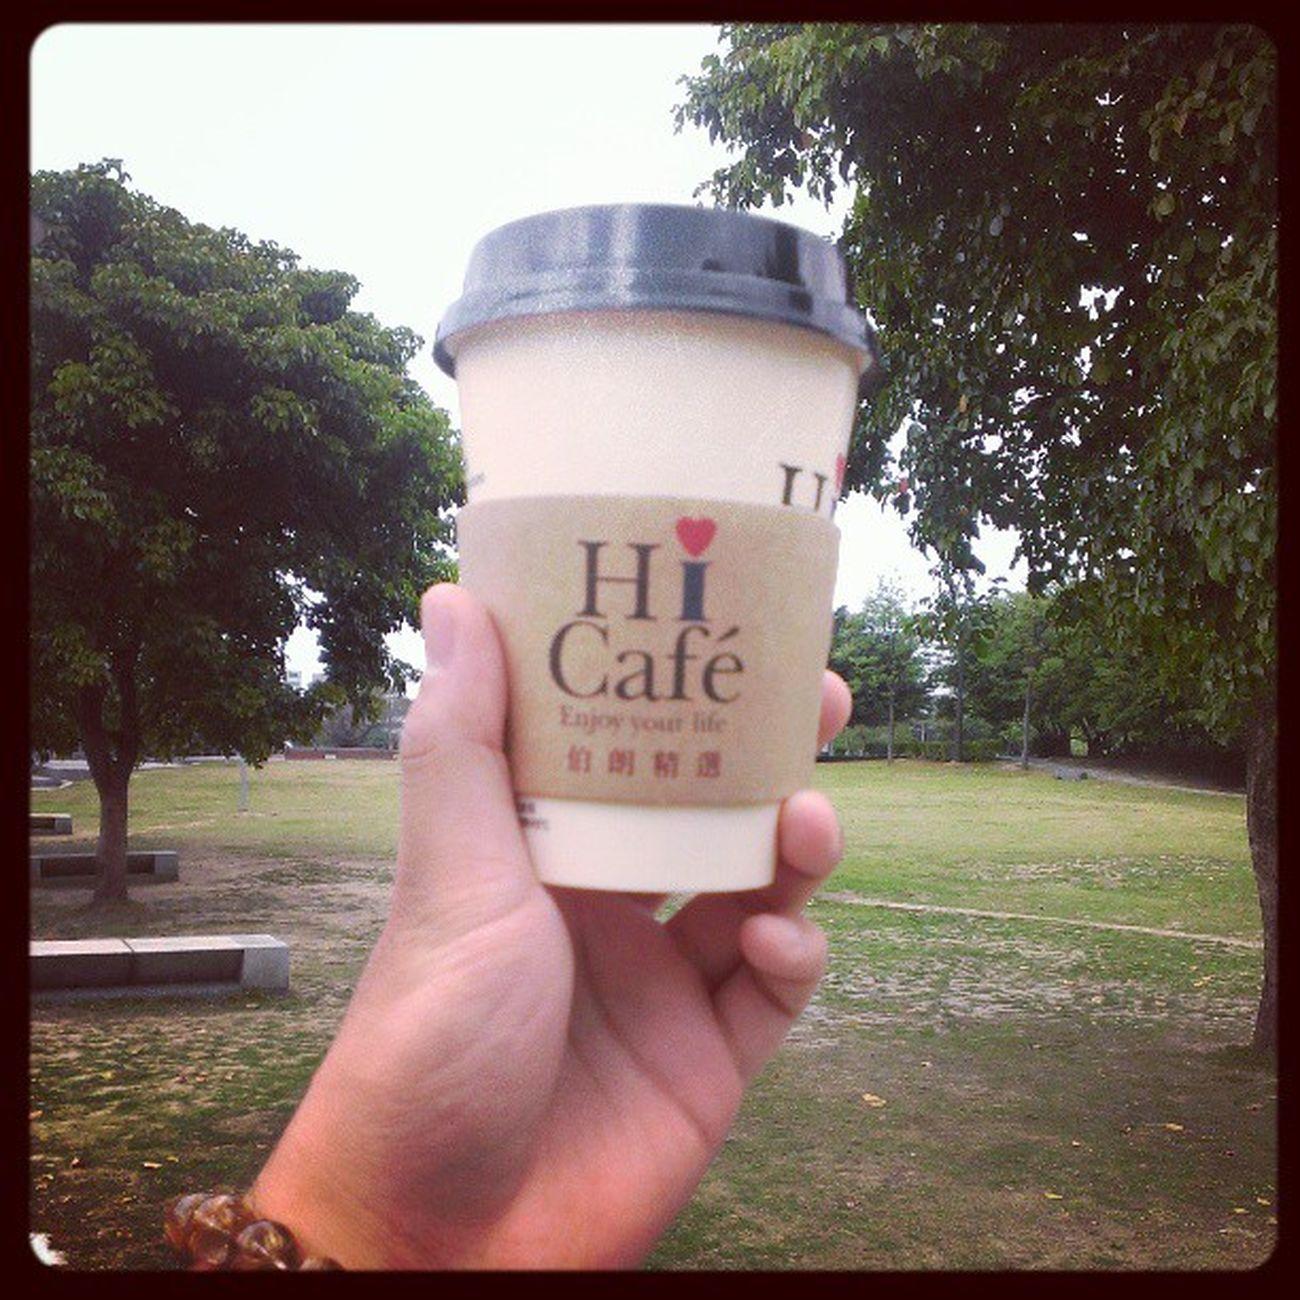 Hi ! 咖啡